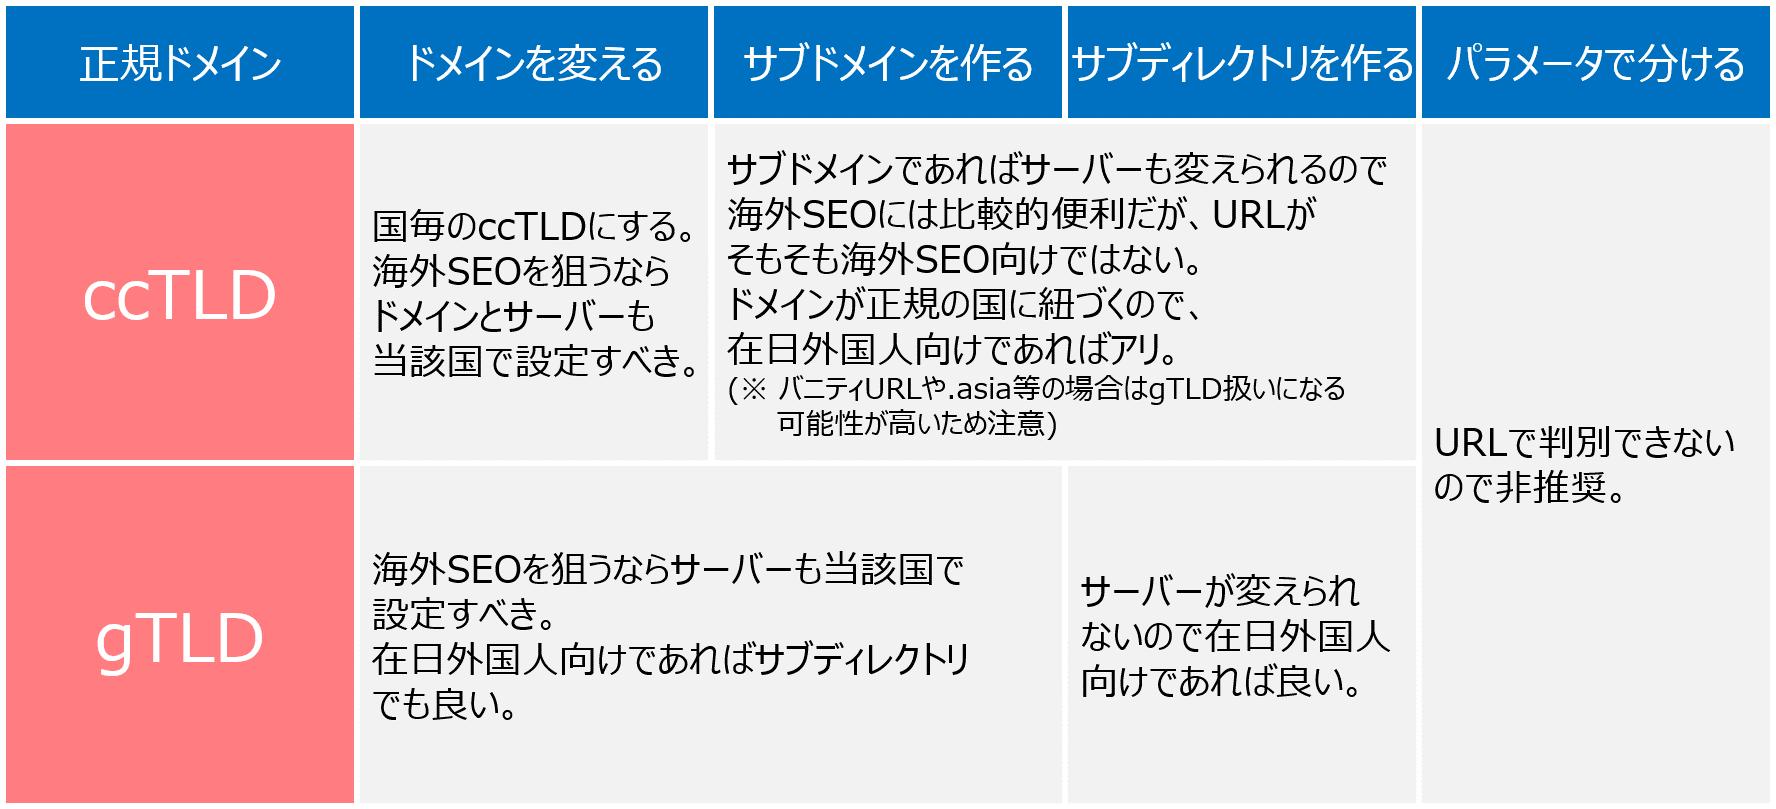 多言語URL表